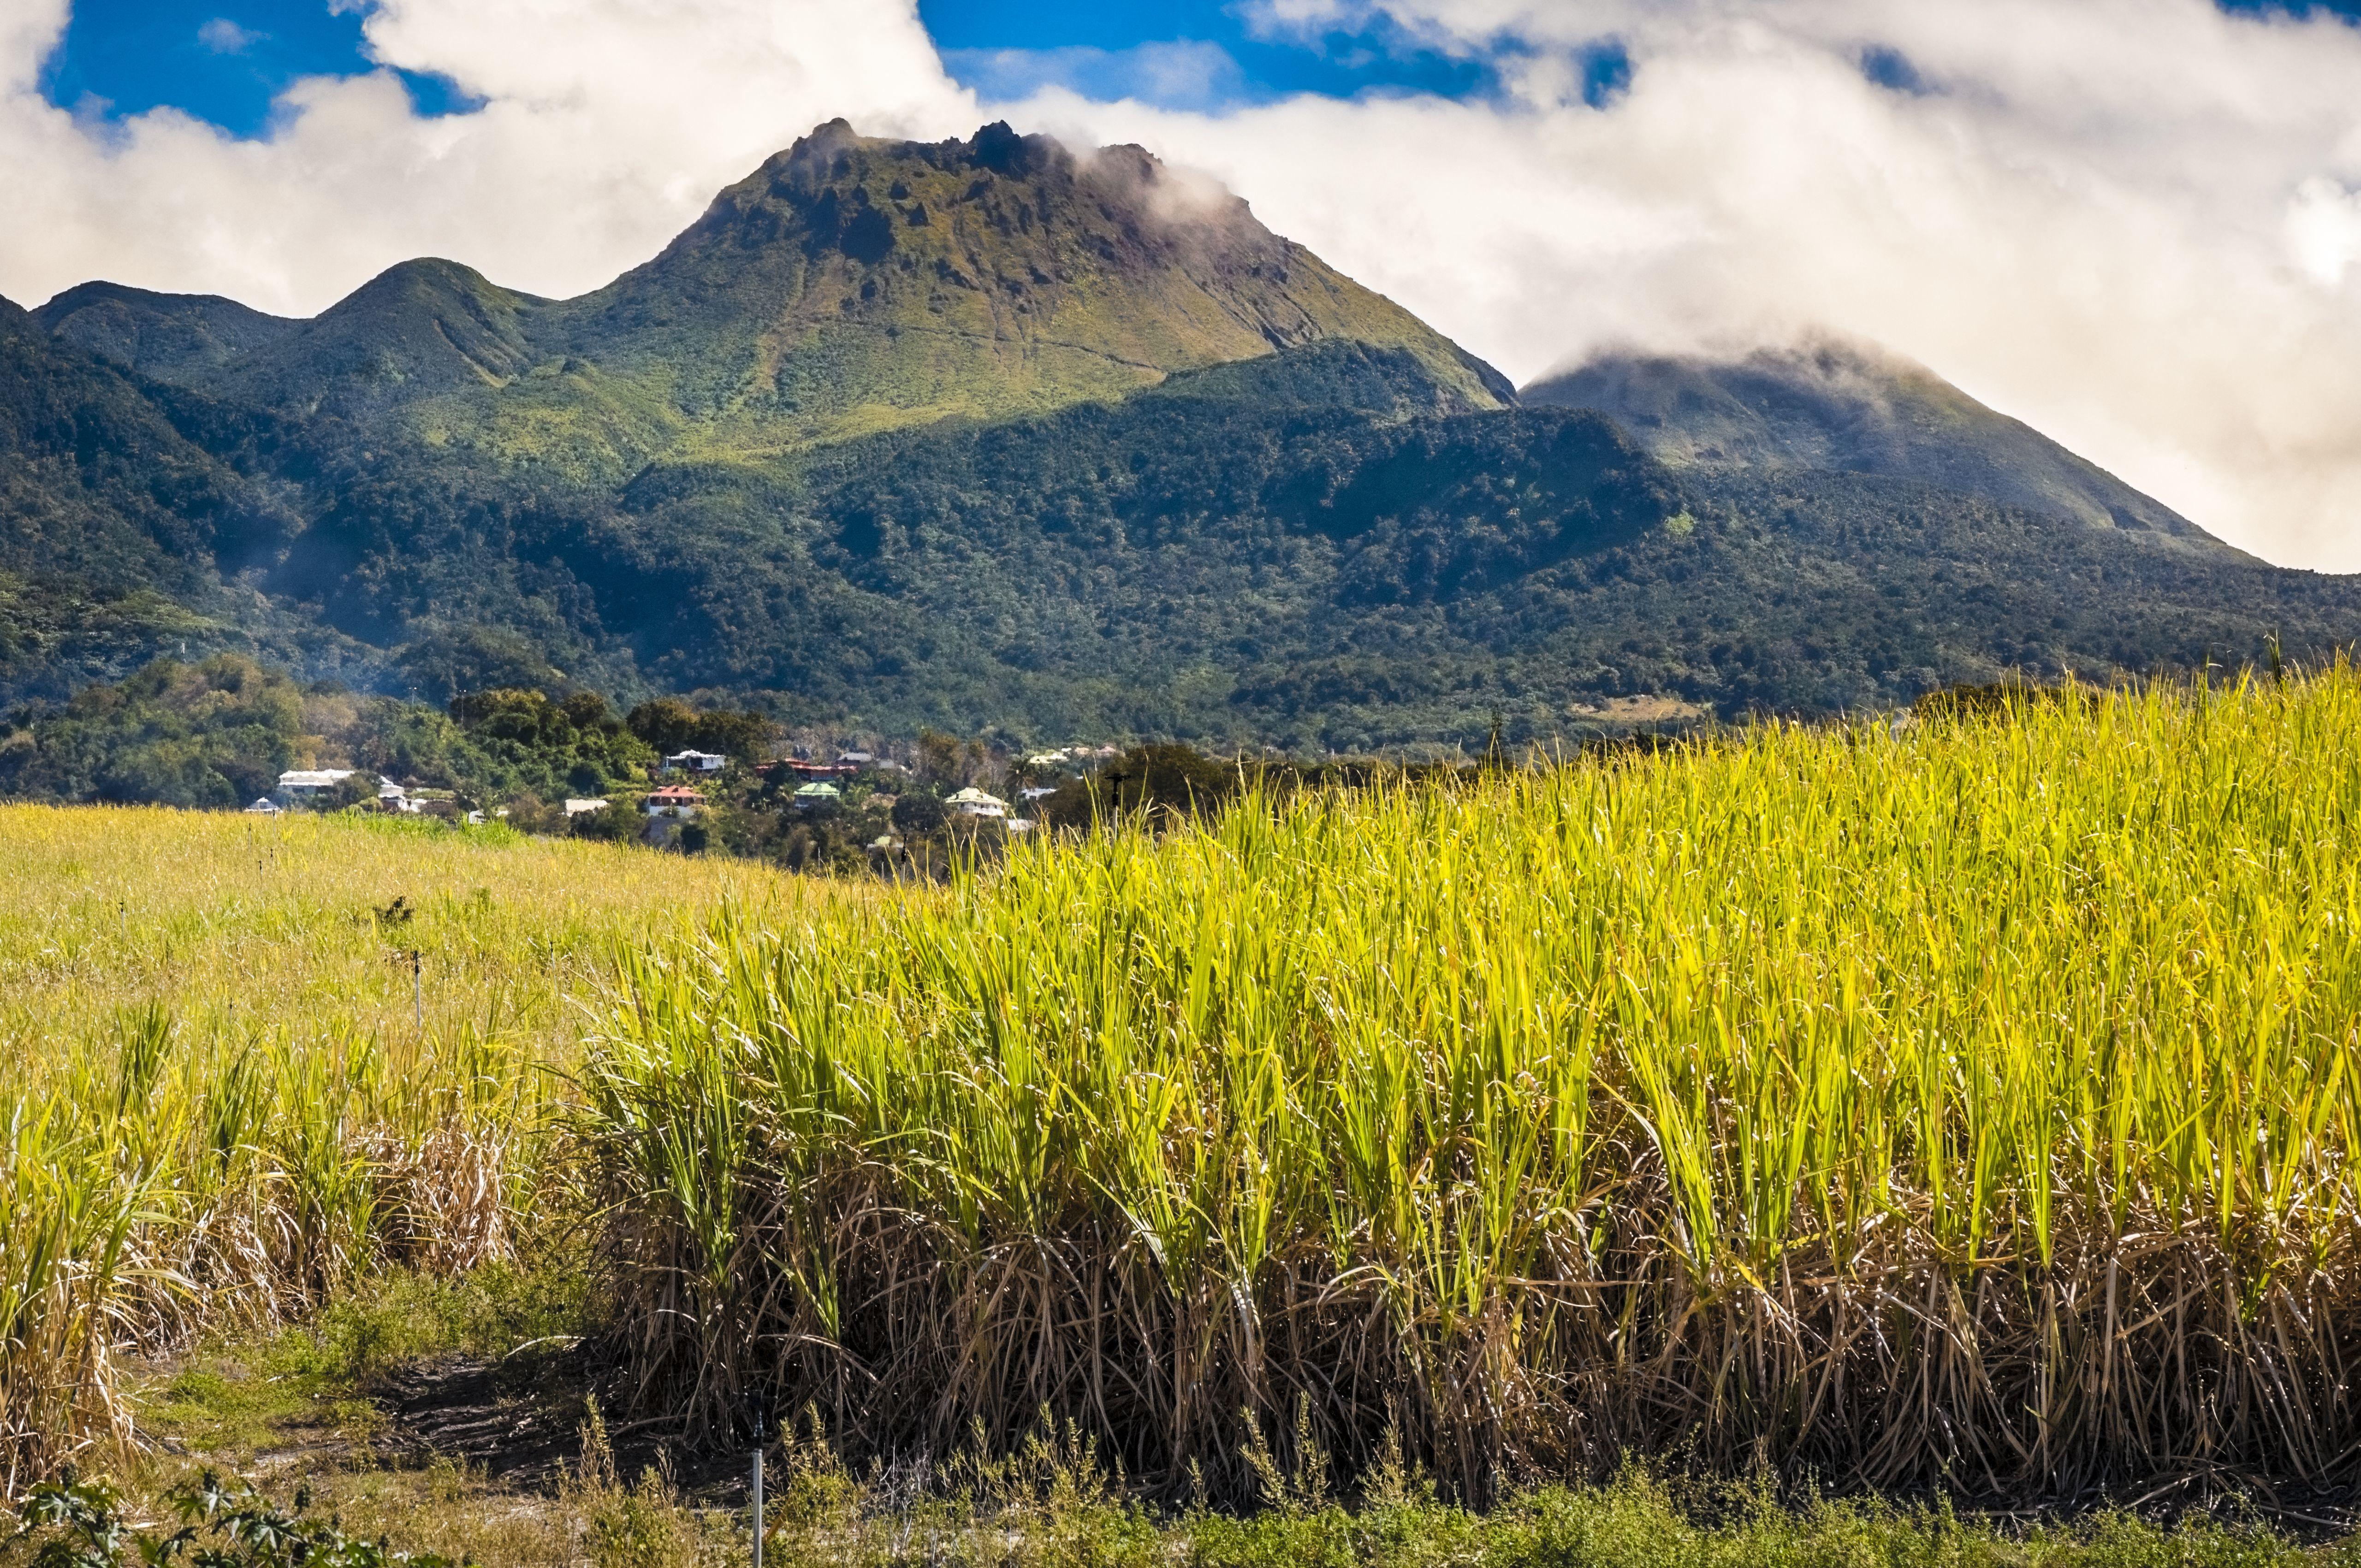 Vulkánkitörés várható Saint Vincent szigetén, evakuálták a lakosságot